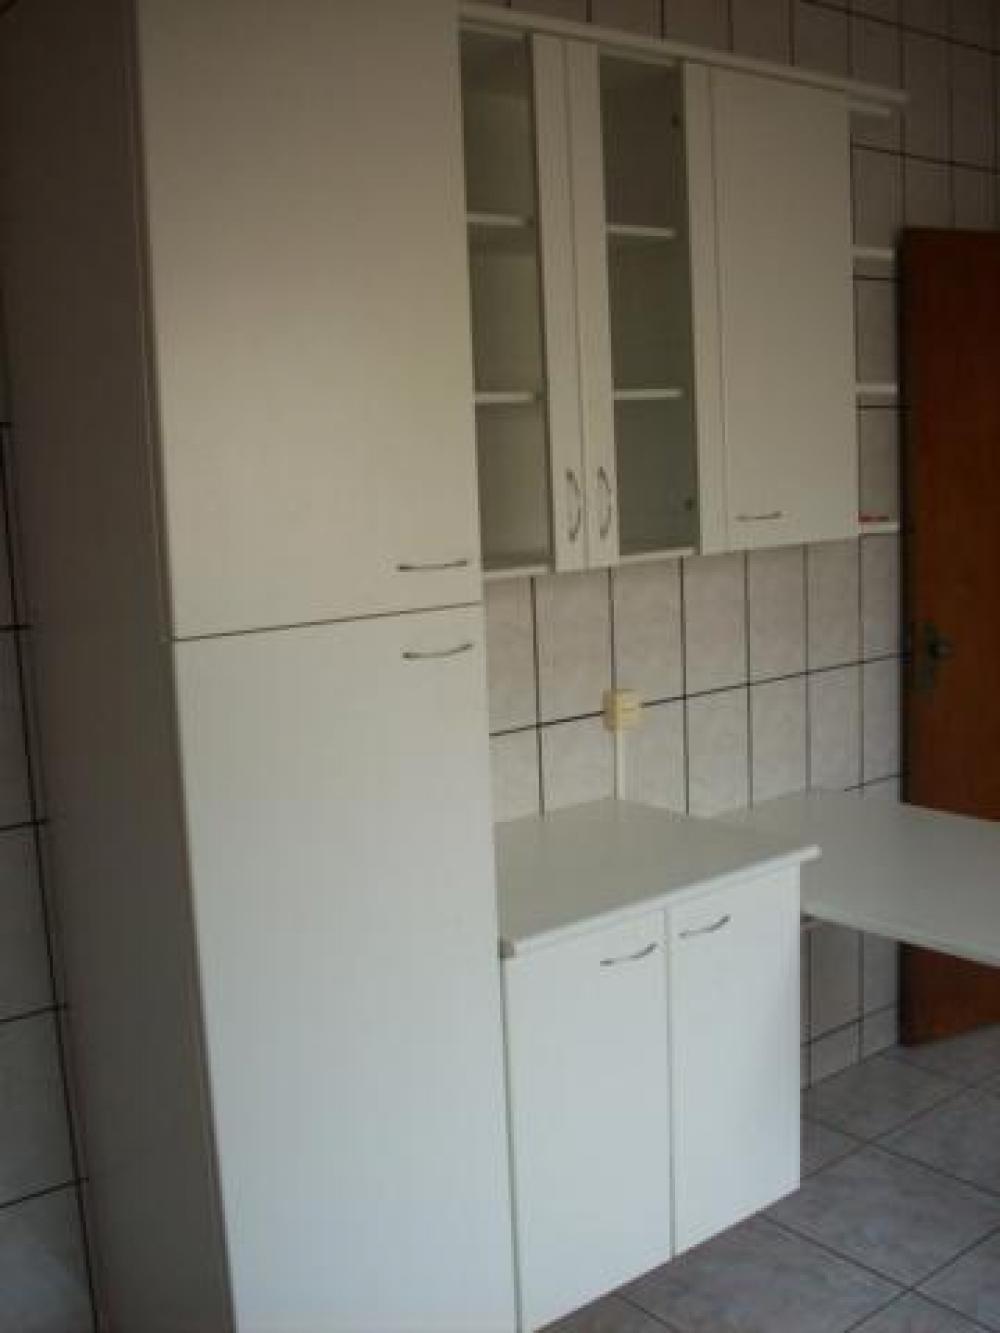 Comprar Casa / Padrão em São José do Rio Preto apenas R$ 950.000,00 - Foto 26